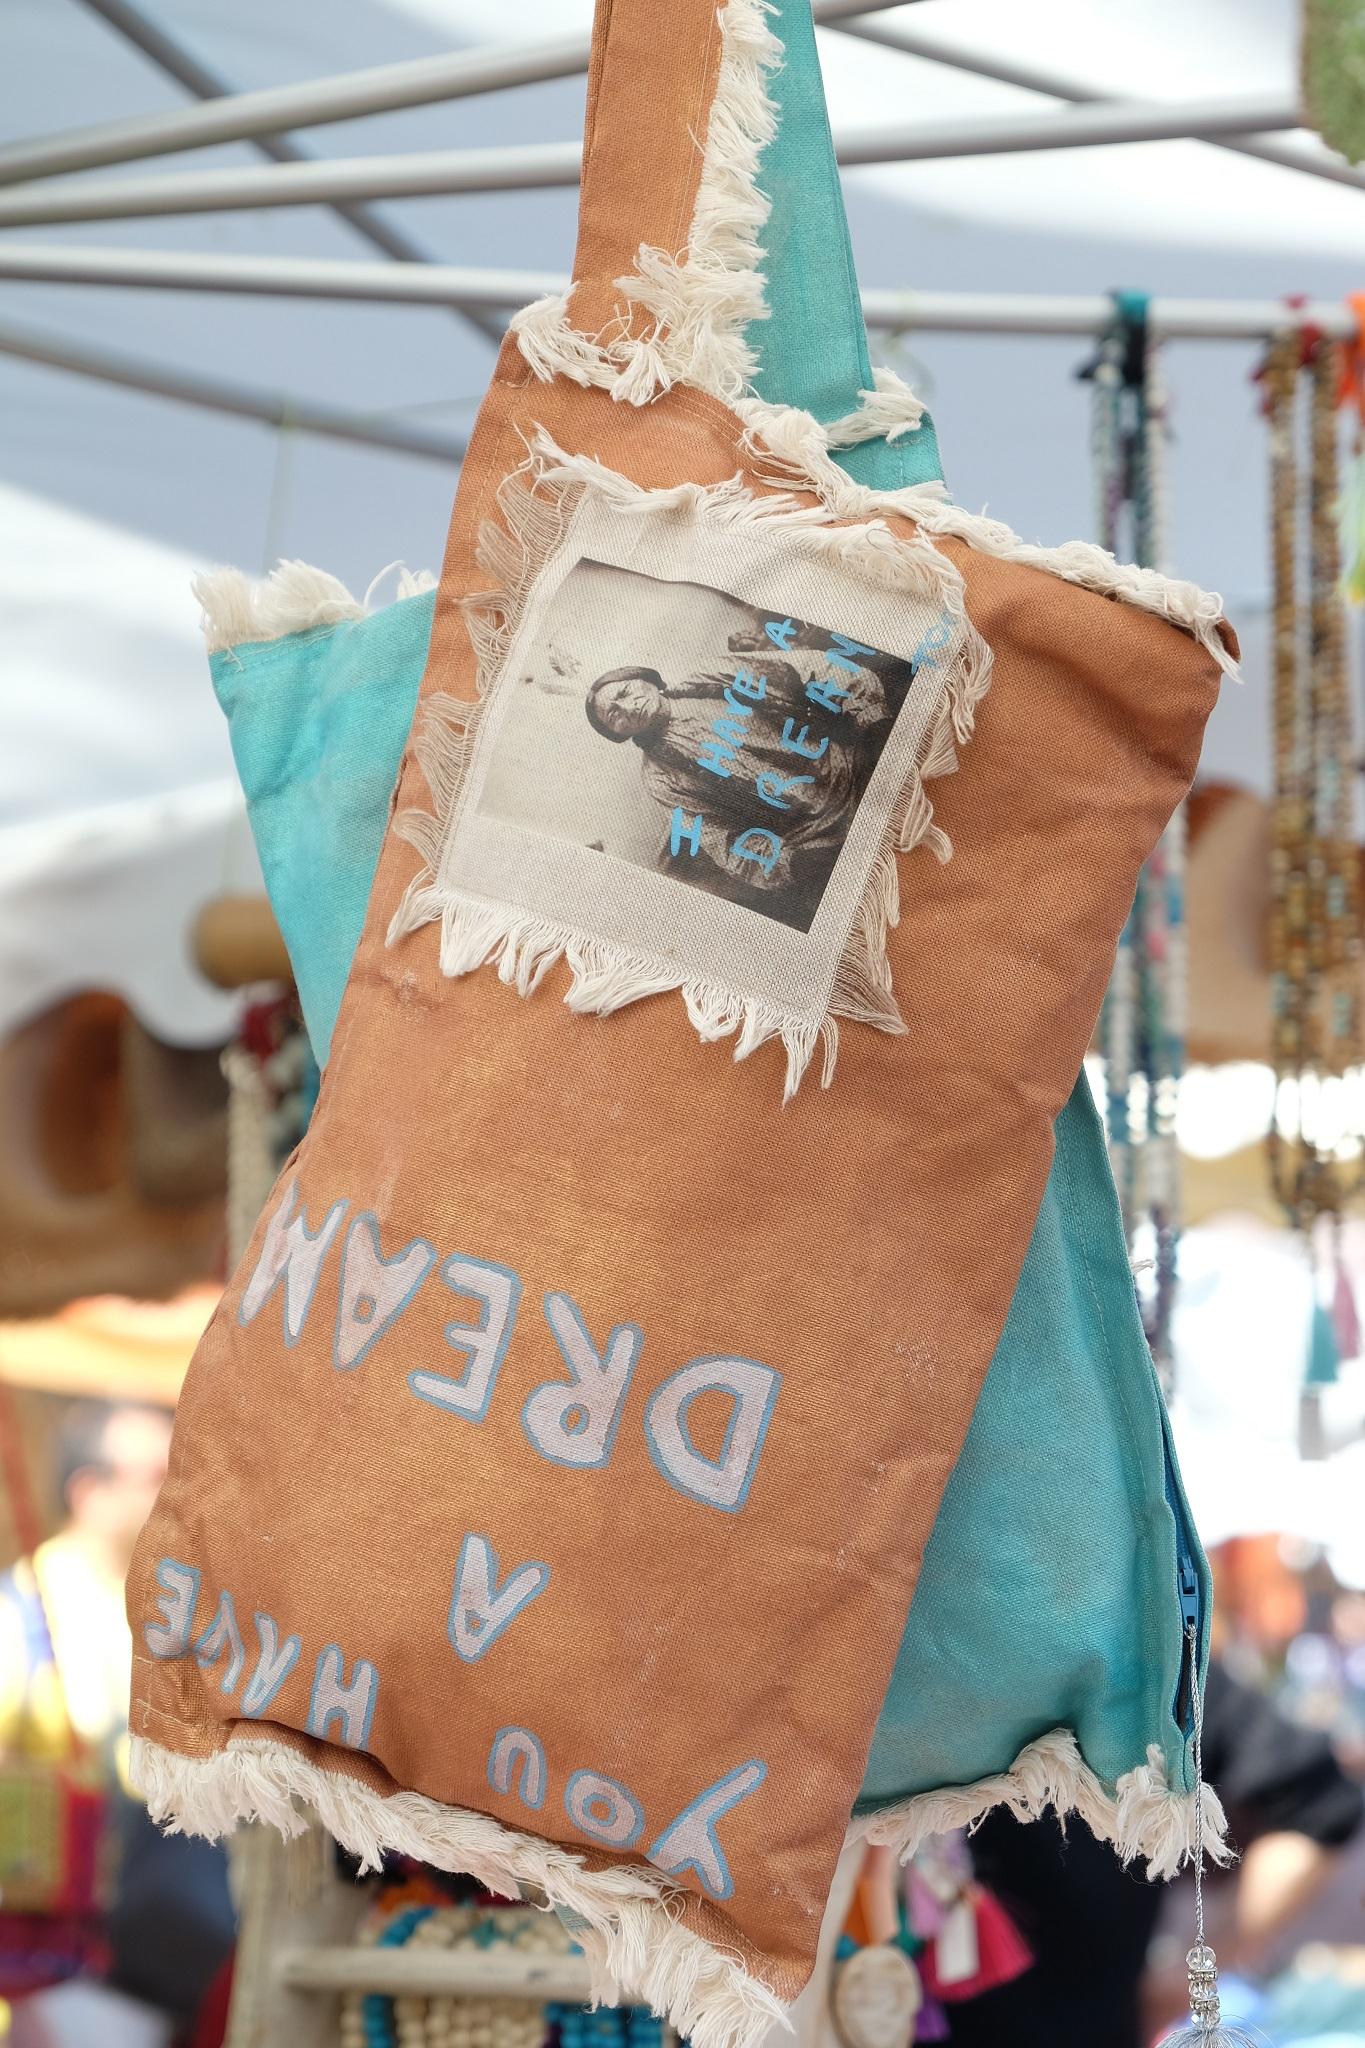 marché St. Tropez, market St. Tropez, kreative Tasche, creative bag, trendy bag, trendy Tasche, Markt St. Tropez, Fashion Blog Lieblingsstil